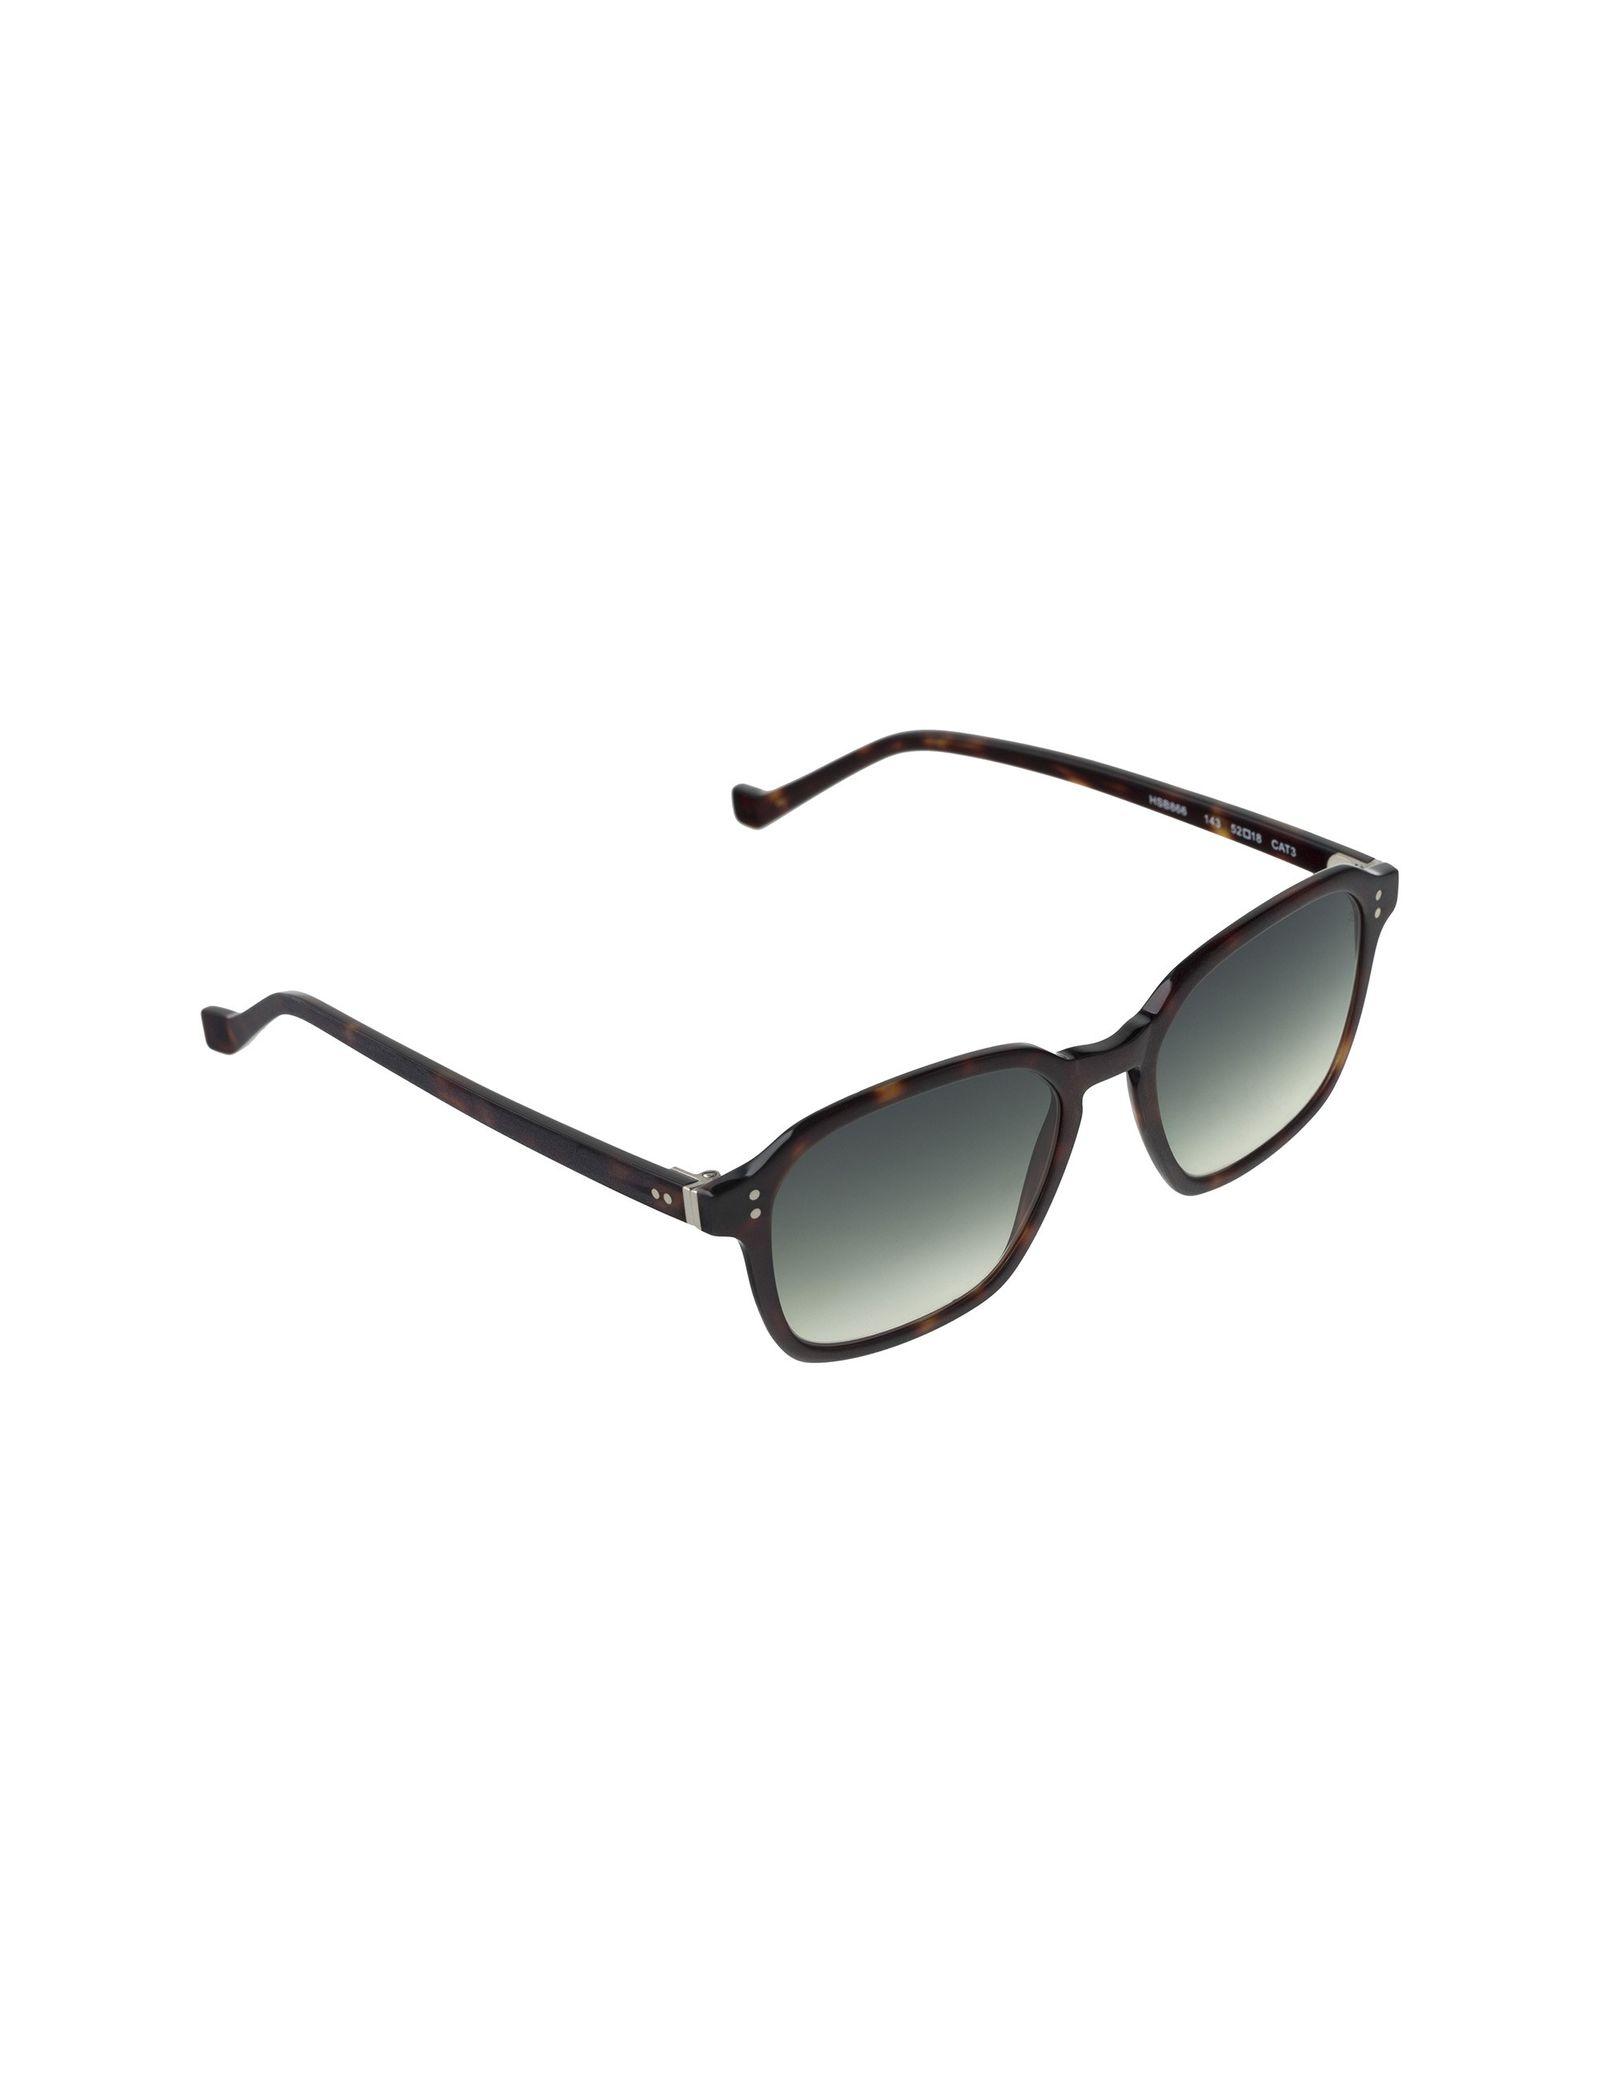 عینک آفتابی ویفرر مردانه - هکت - قهوه اي       - 2